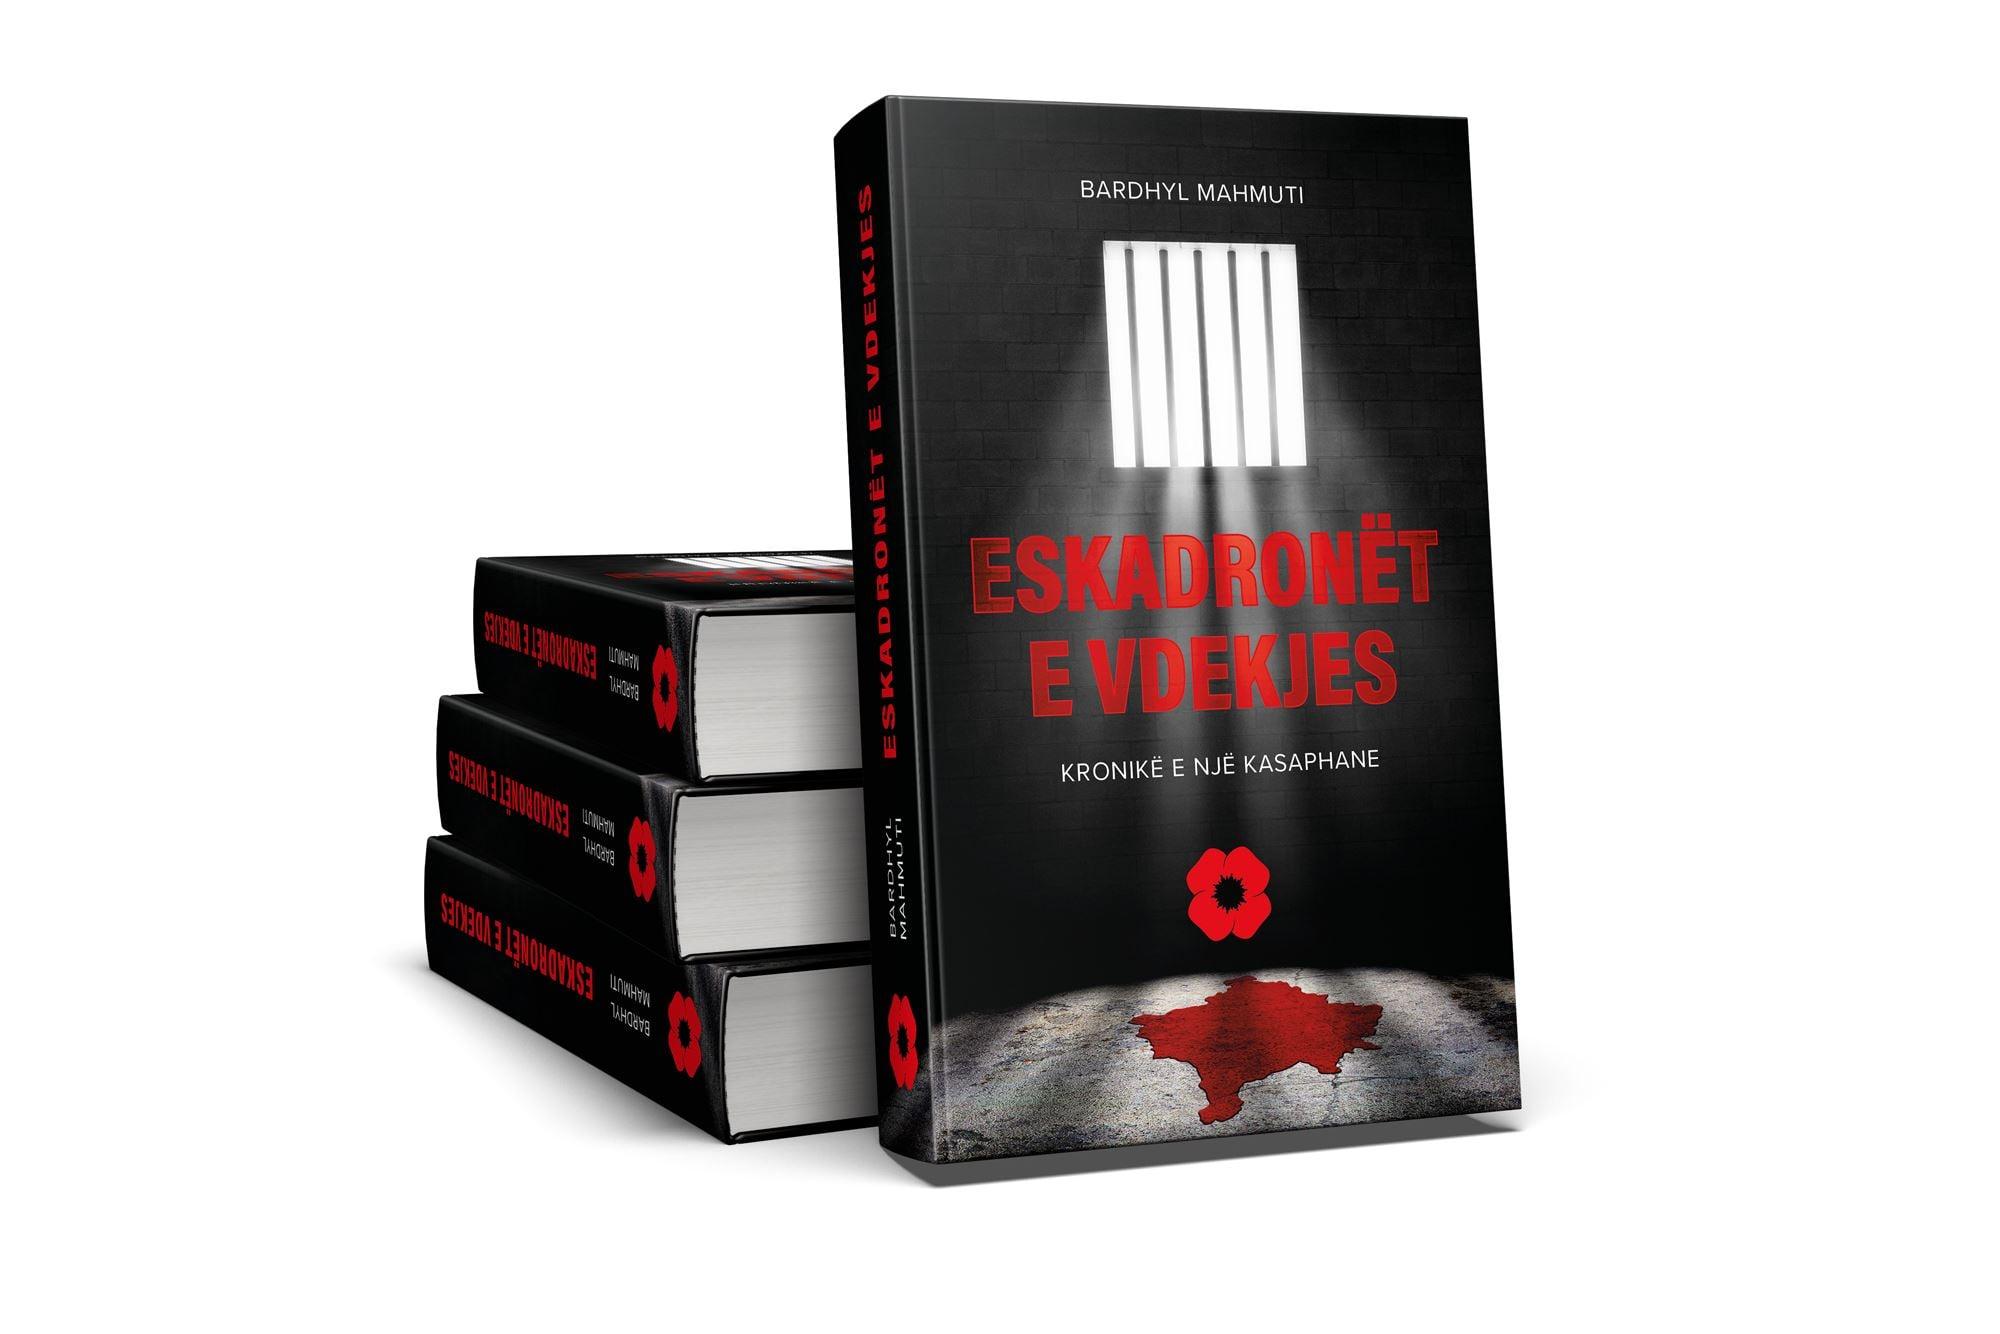 """Doli nga shtypi romani """"Eskadronët e vdekjes"""", i autorit Bardhyl Mahmuti"""